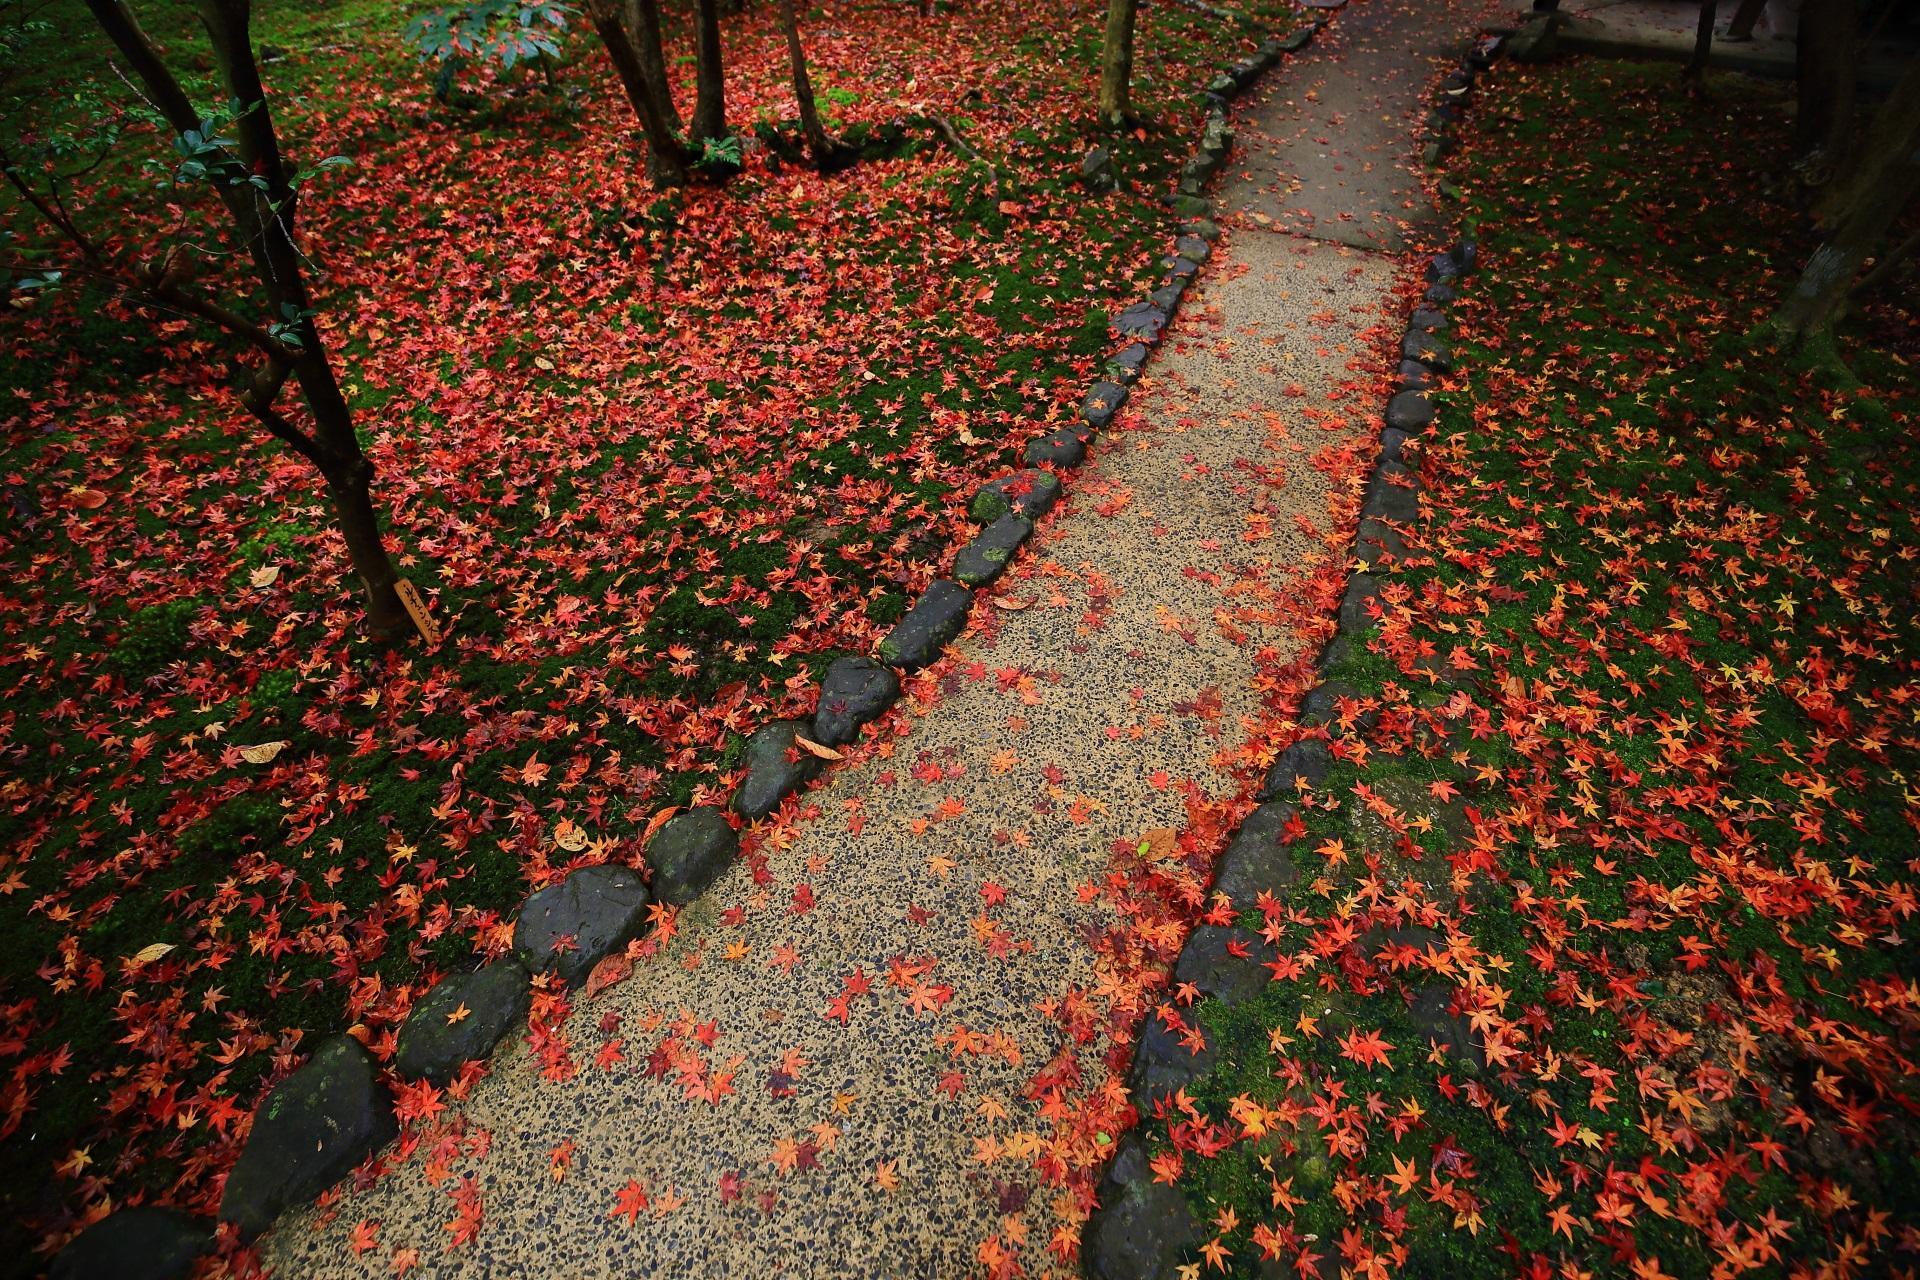 霊鑑寺の華やかで煌びやかな極上の散り紅葉